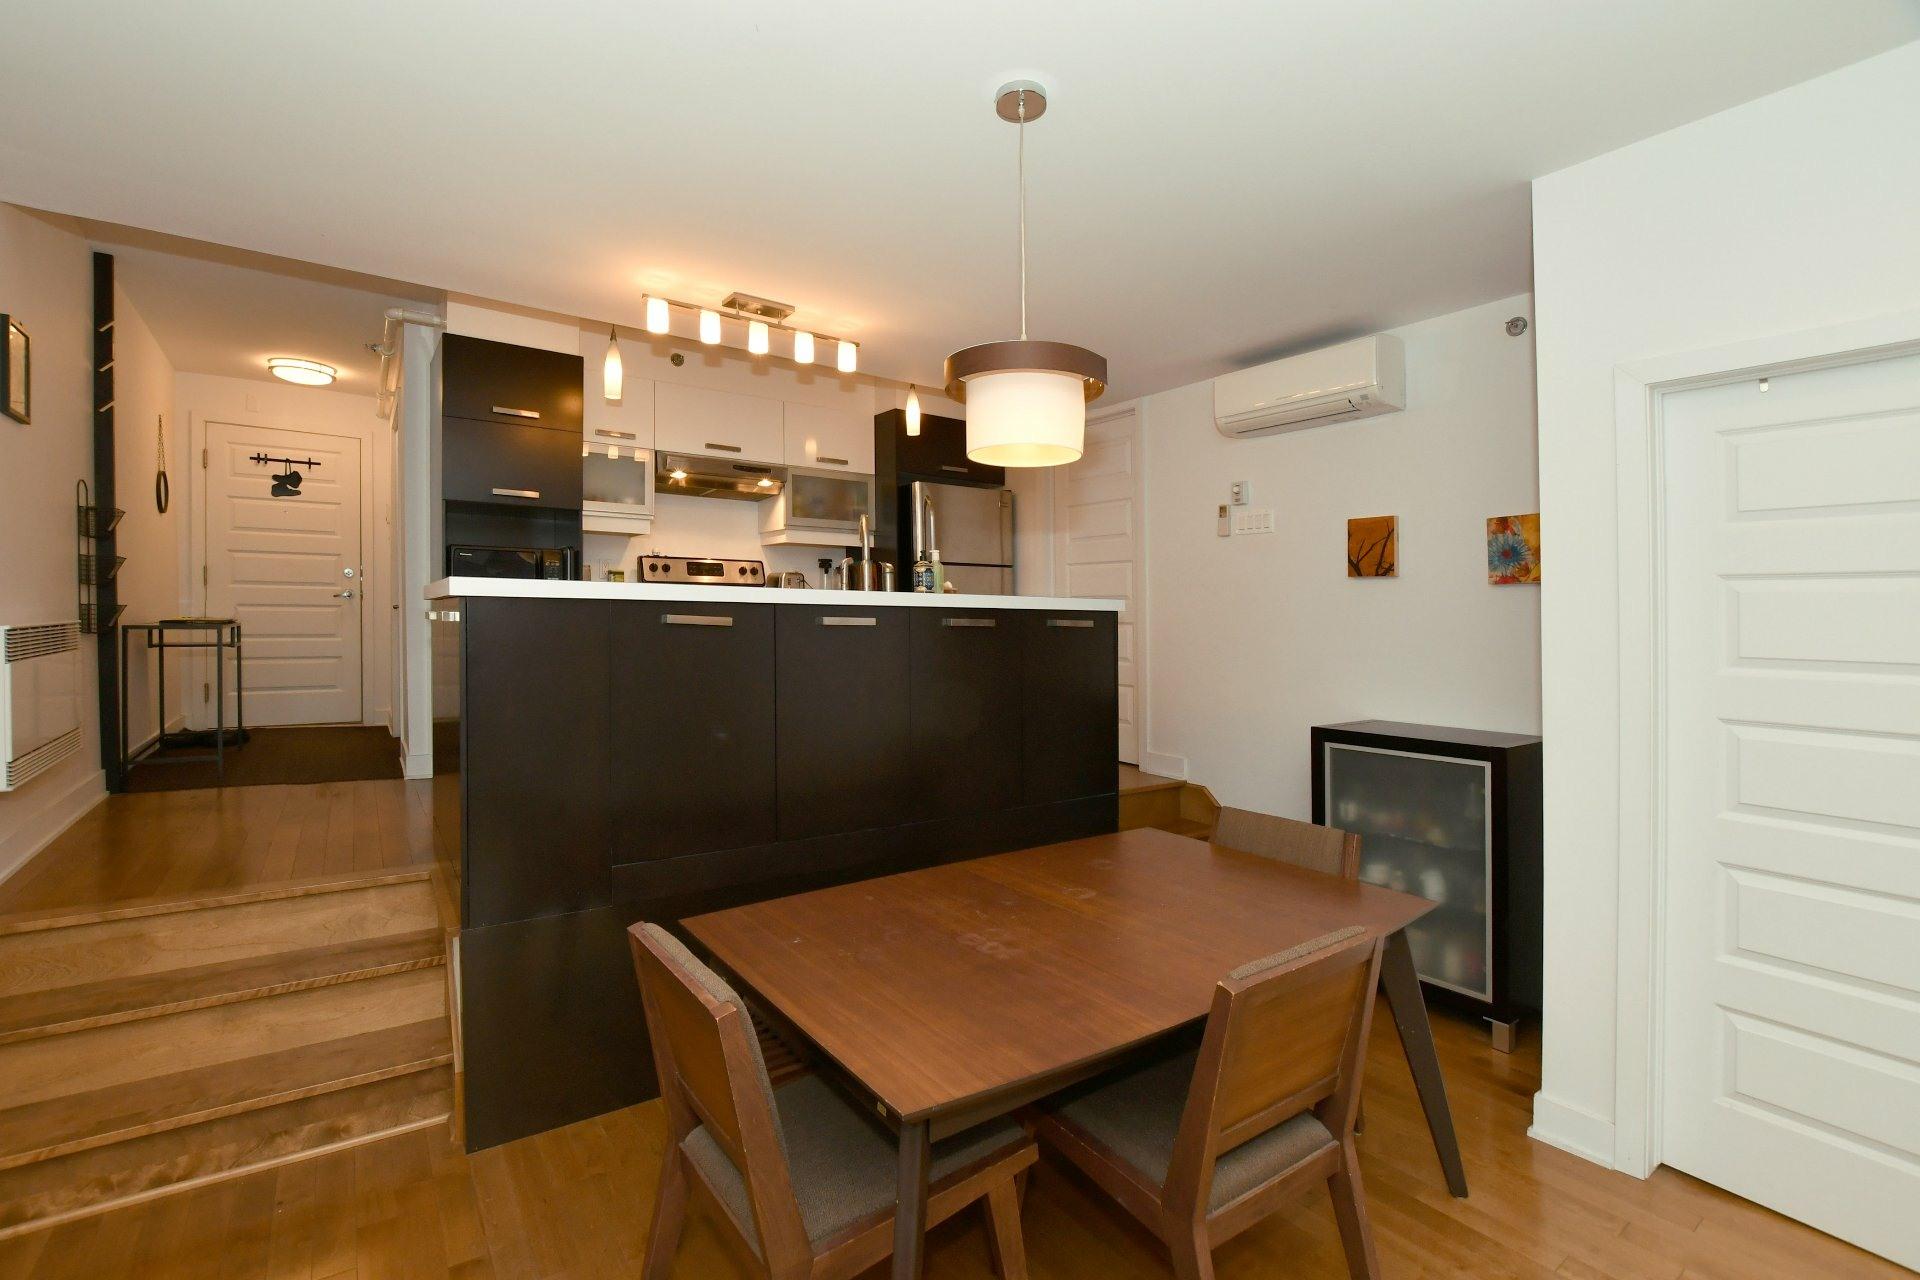 image 7 - Appartement À louer Le Plateau-Mont-Royal Montréal  - 4 pièces